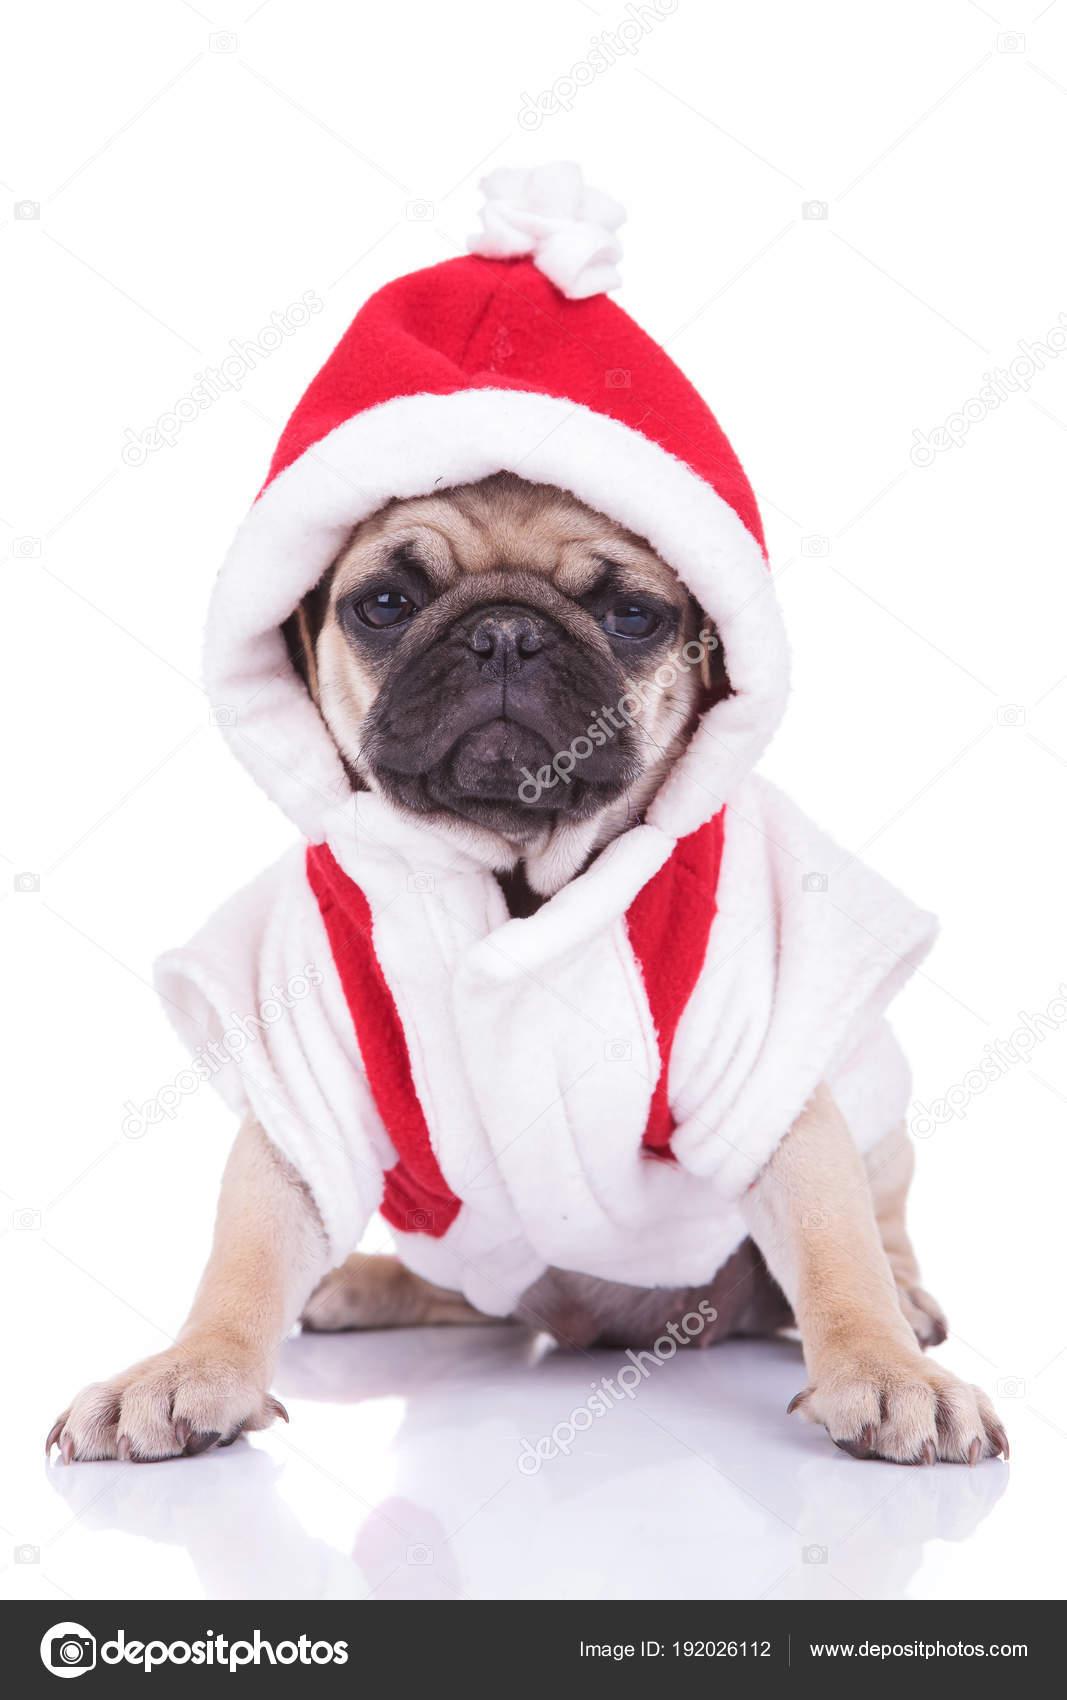 Mops Bilder Weihnachten.Entzückende Santa Mops Welpen Ist Bereit Für Weihnachten Stockfoto